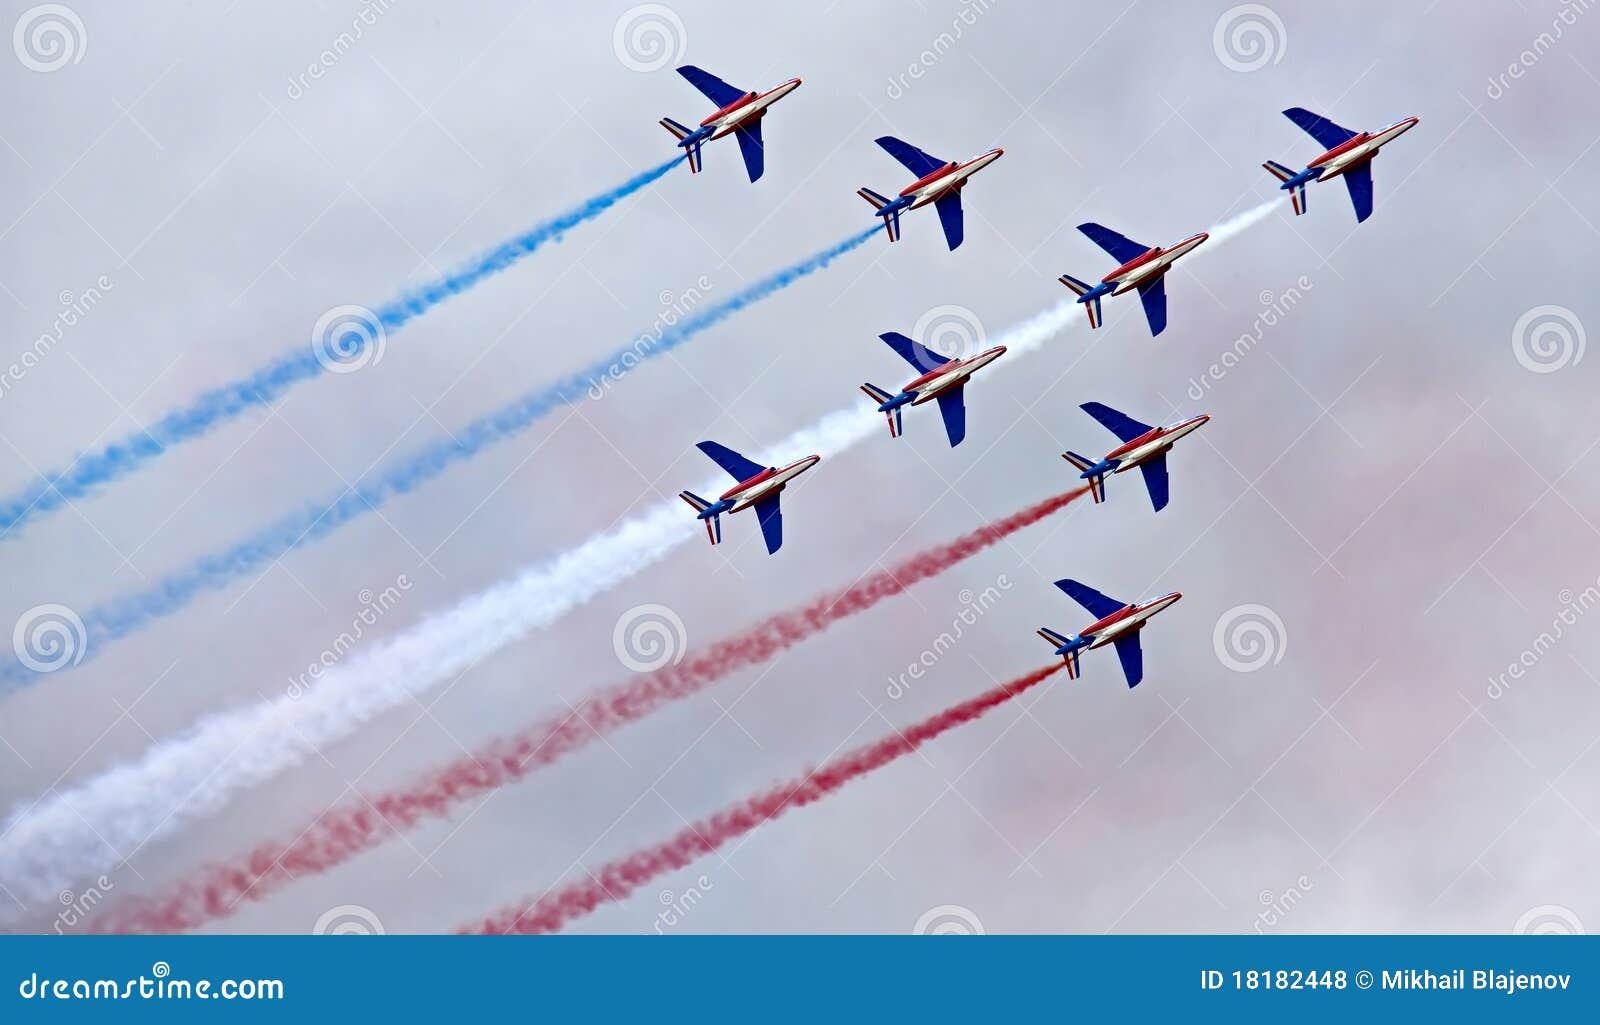 Demostración aeroespacial MAKS-2009